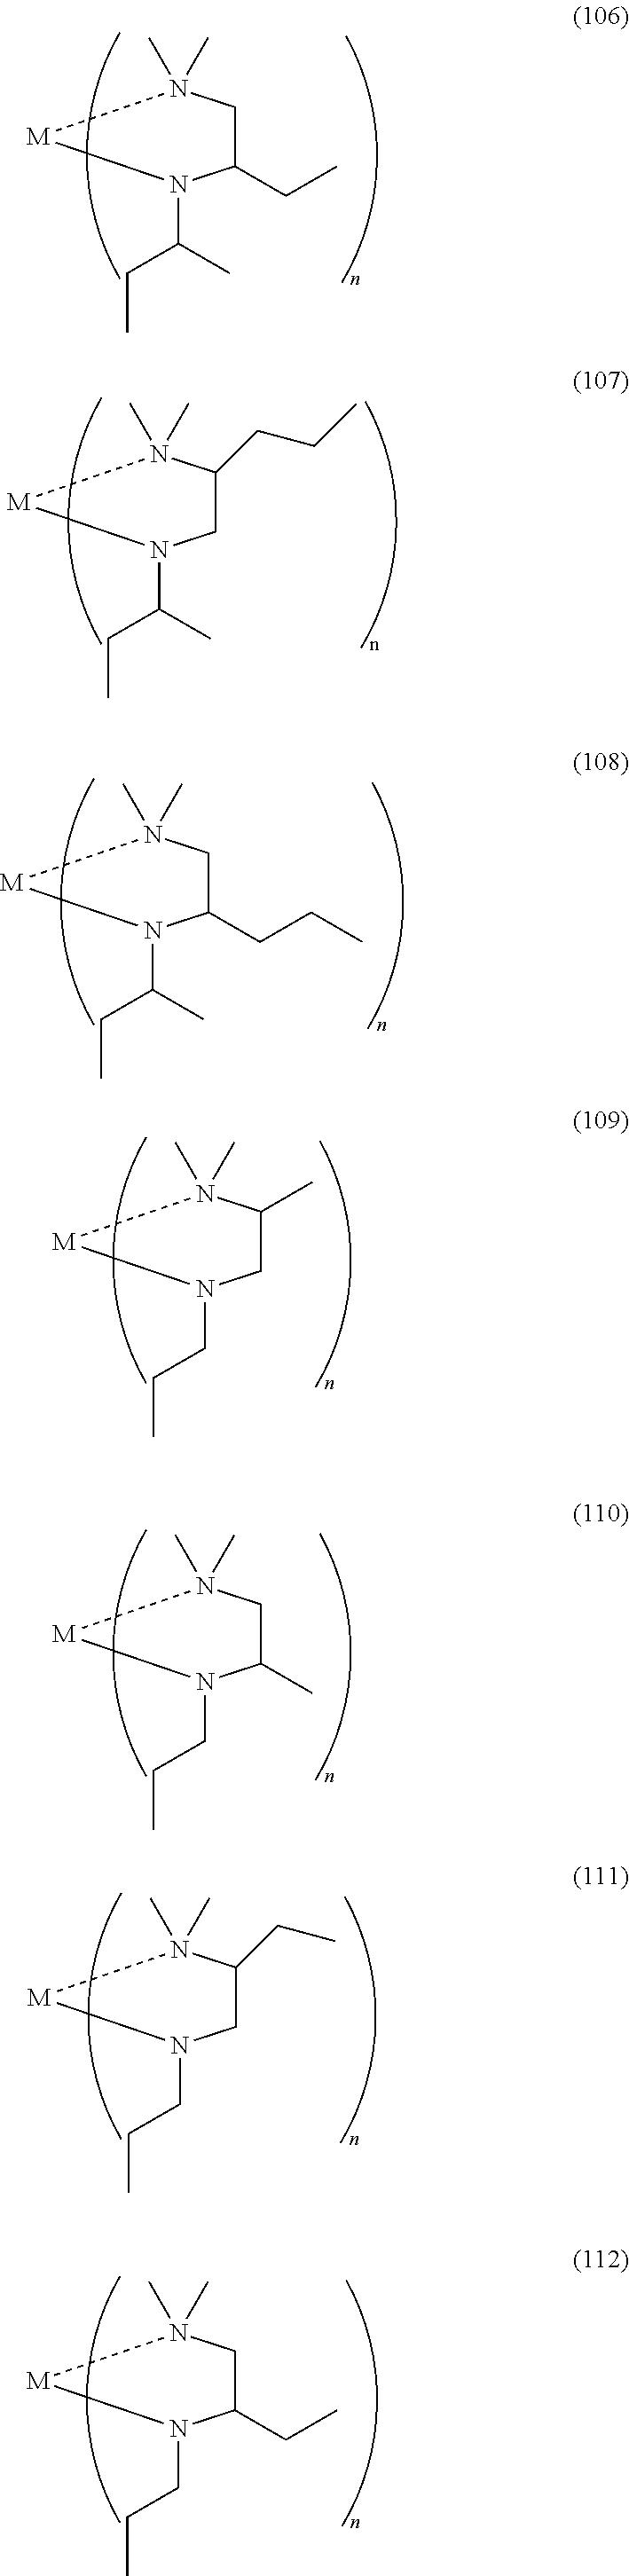 Figure US08871304-20141028-C00029